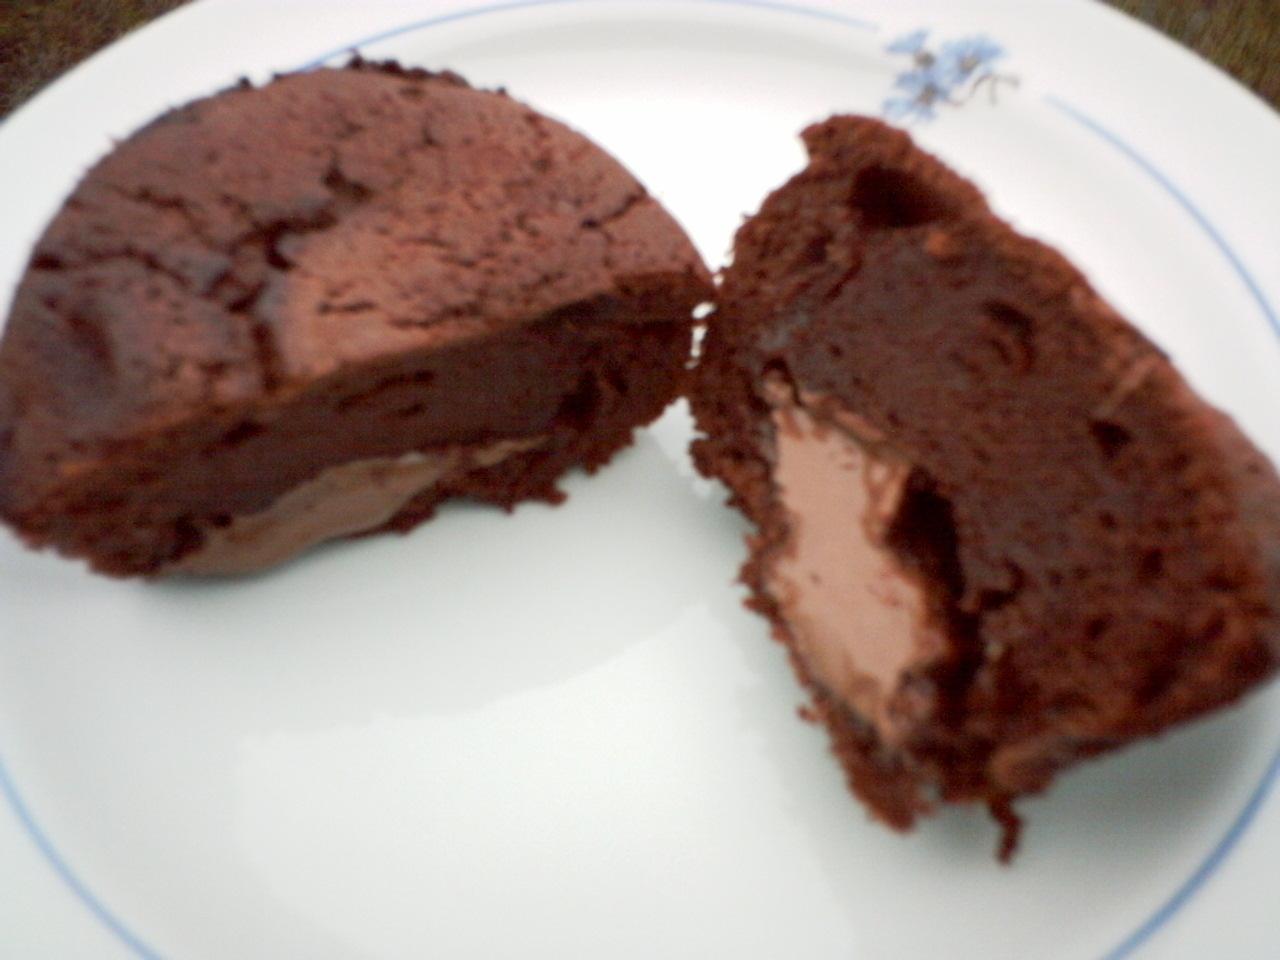 chokladmuffins med mjölkchoklad bitar i